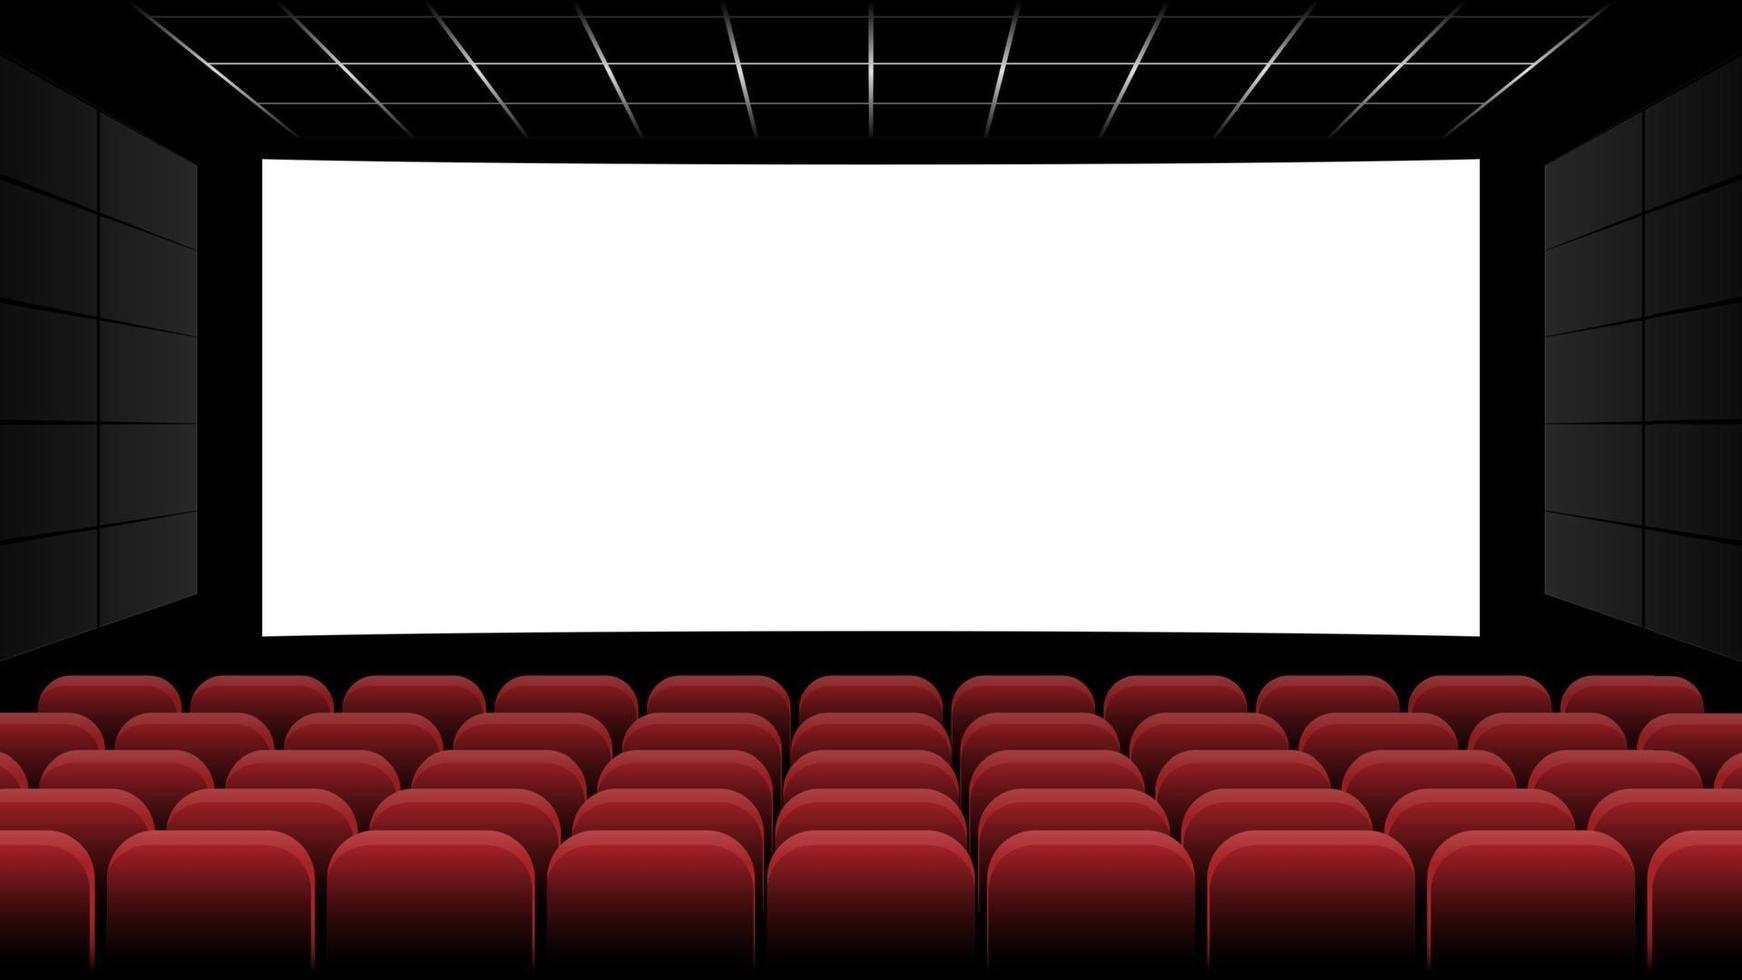 biografbiograf med blank skärm och röda platser, vektorillustration vektor